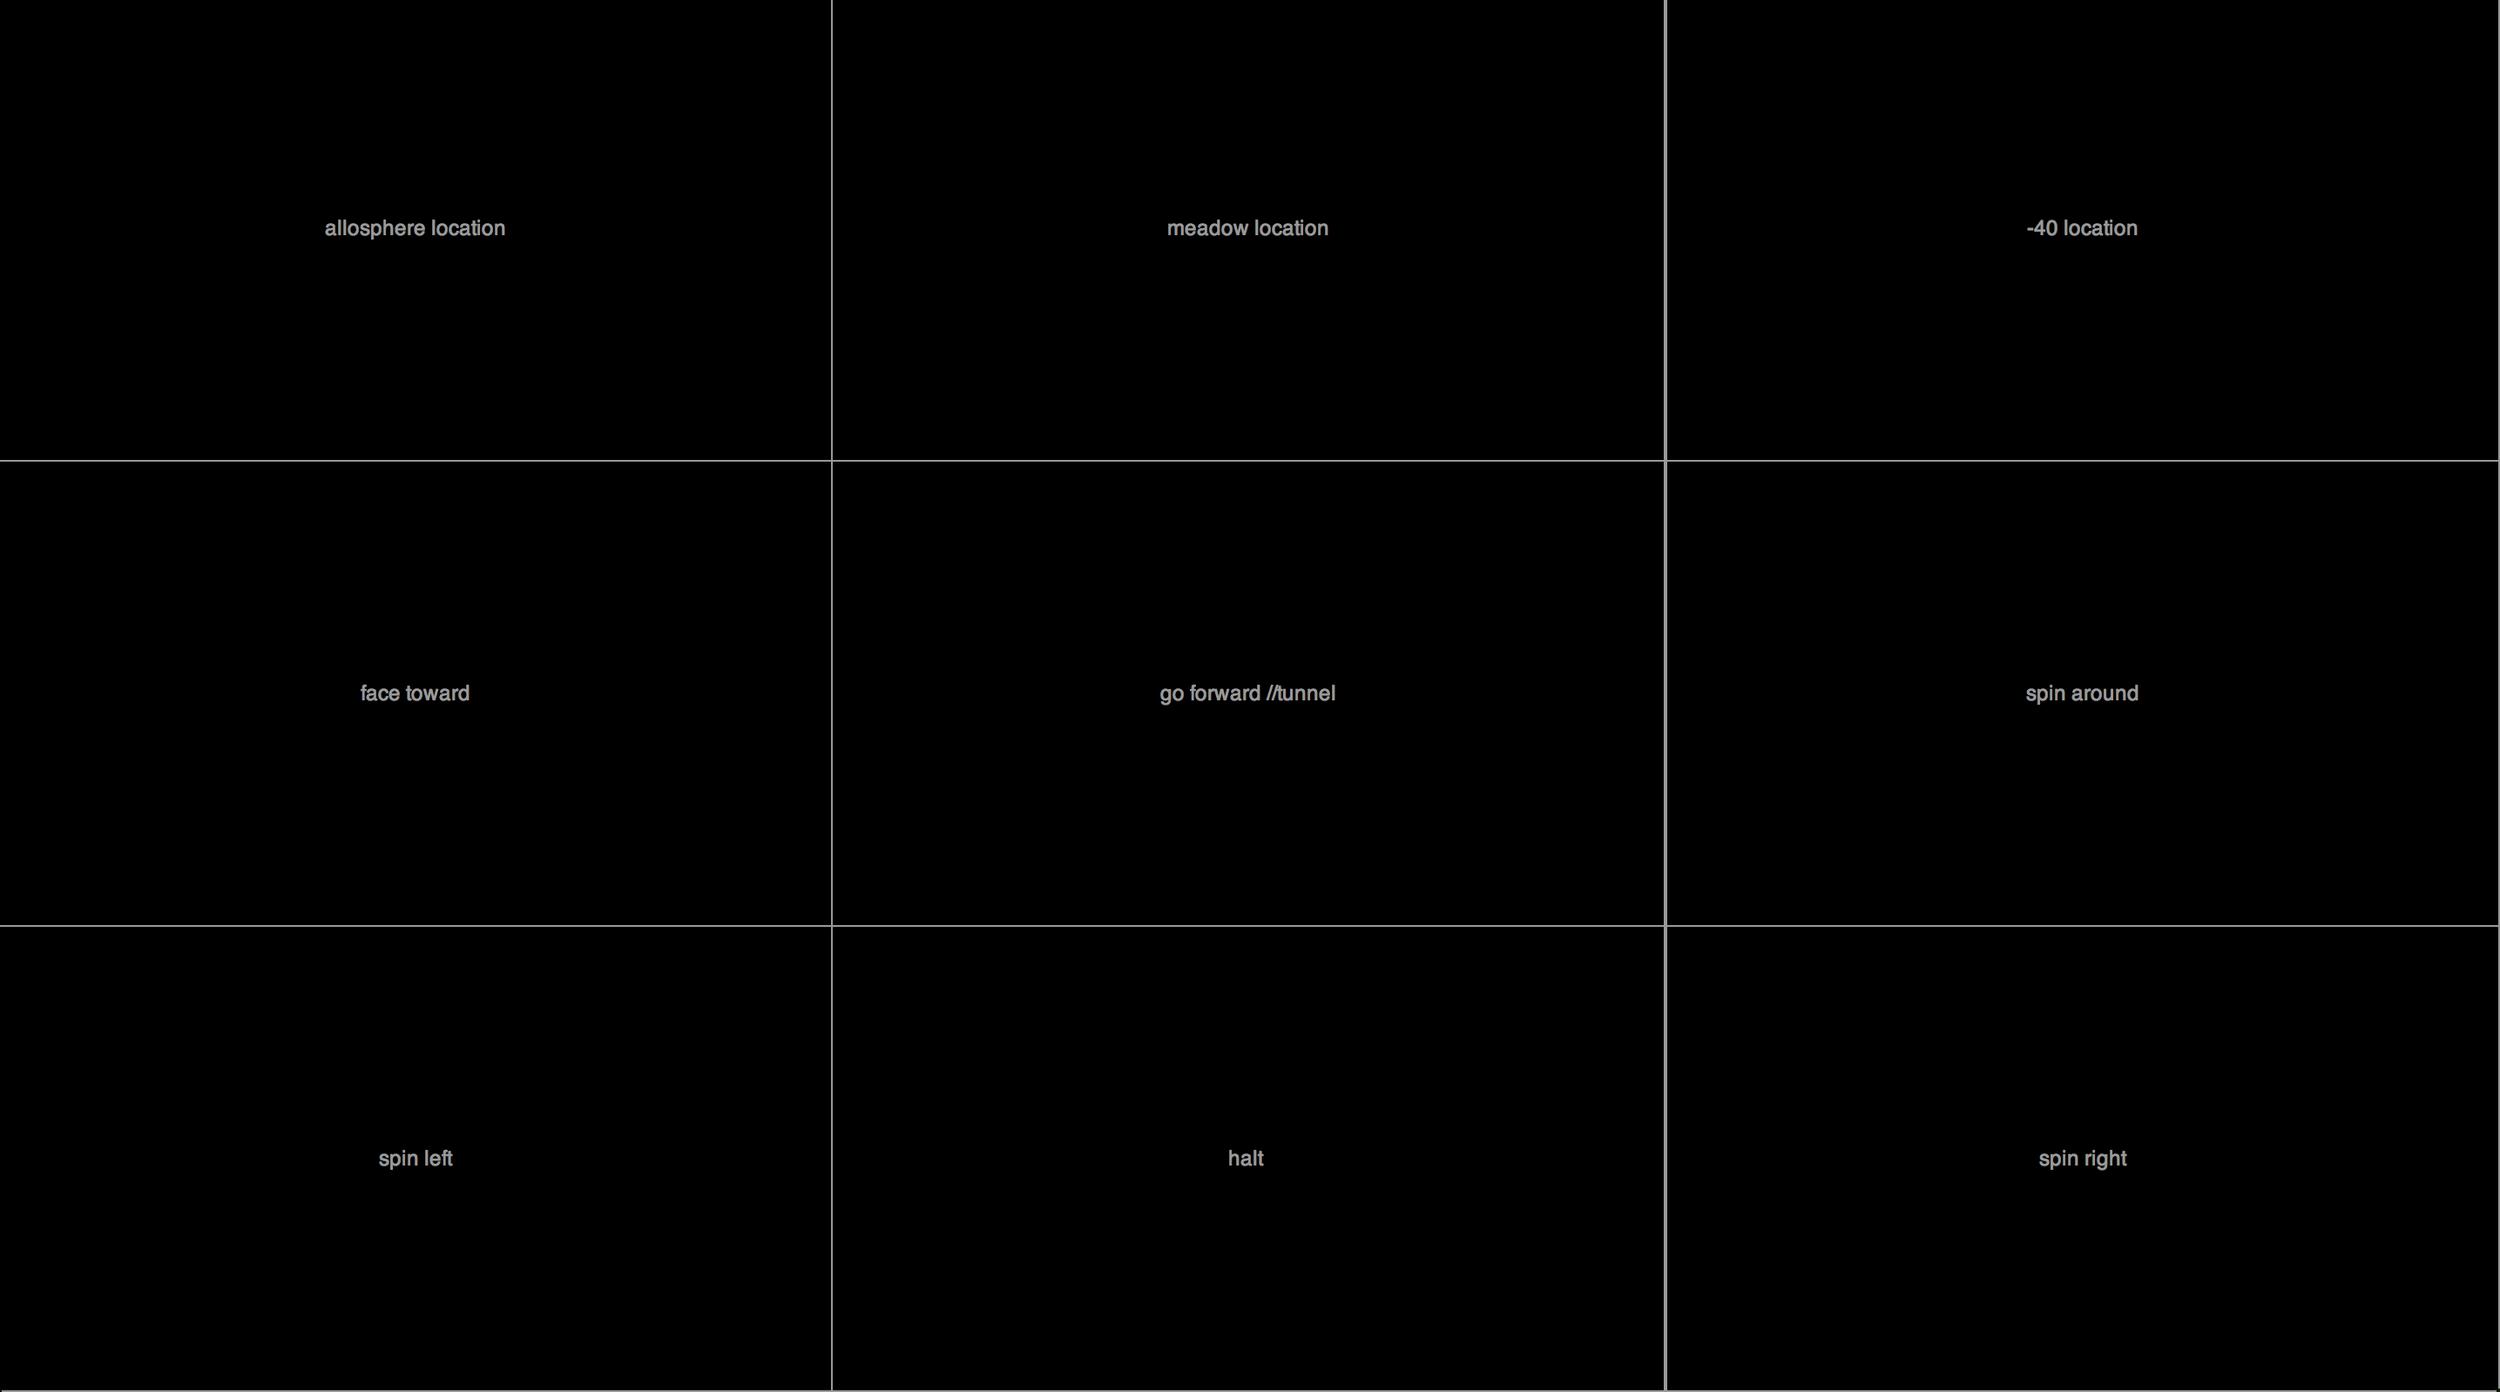 Screen Shot 2013-12-13 at 10.53.54 PM.png